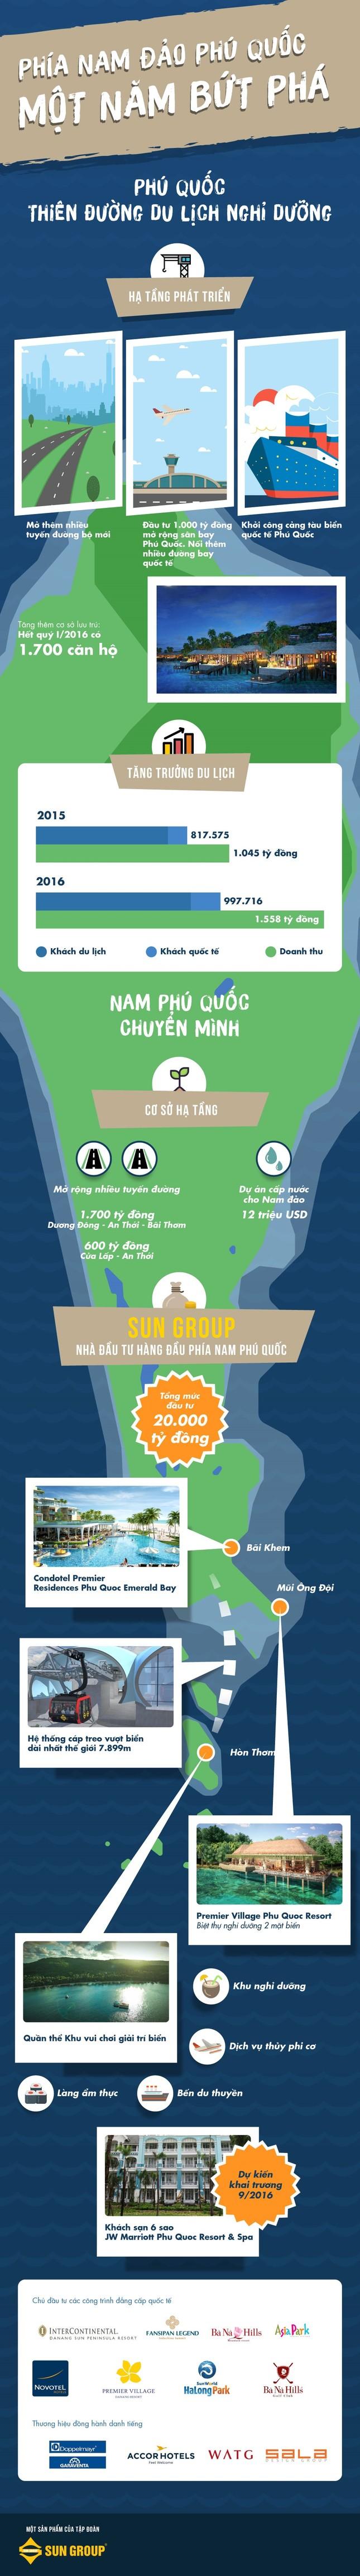 [Infographic] Phía Nam đảo Phú Quốc: Sức bật sau một năm  - ảnh 1